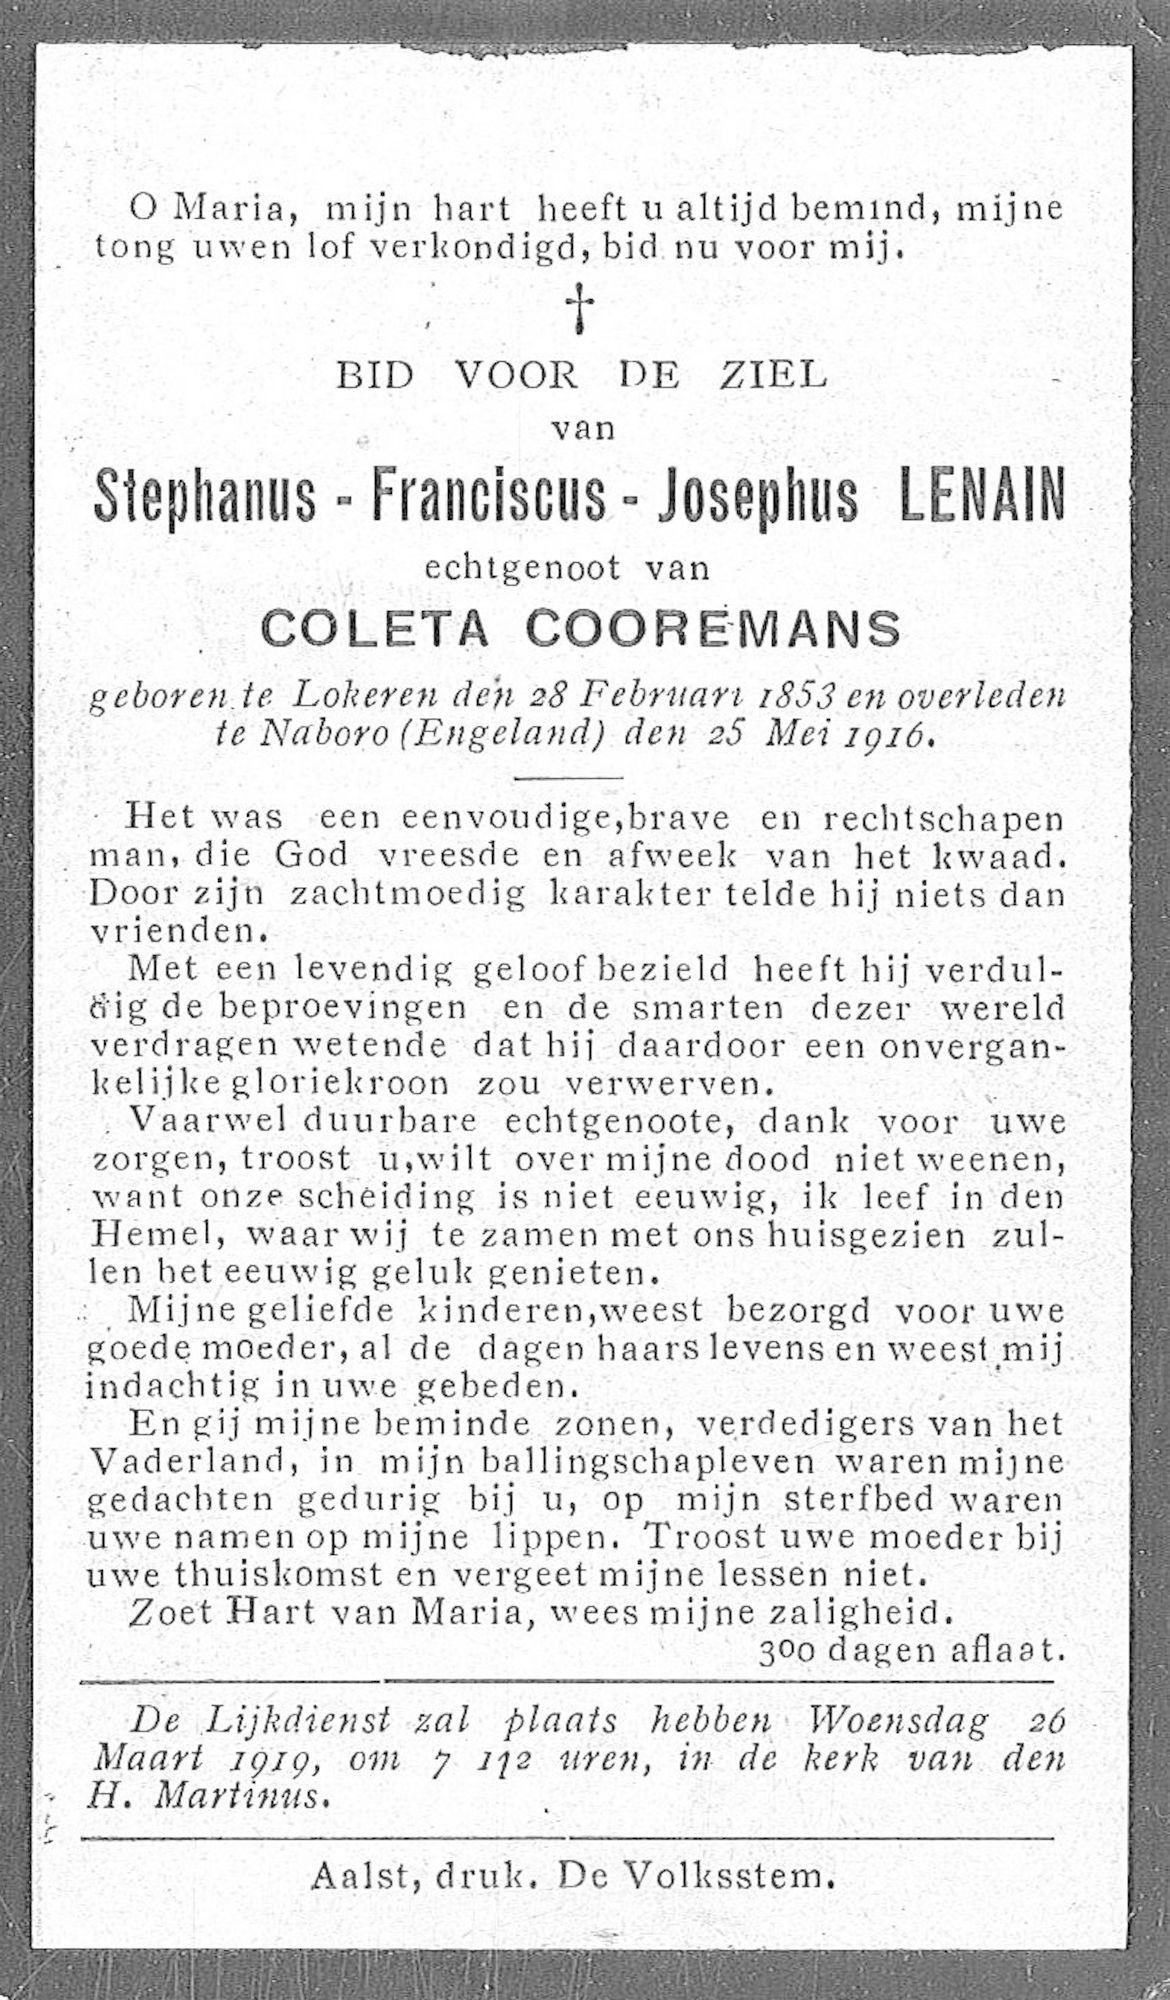 Stephanus-Franciscus-Josephus Lenain